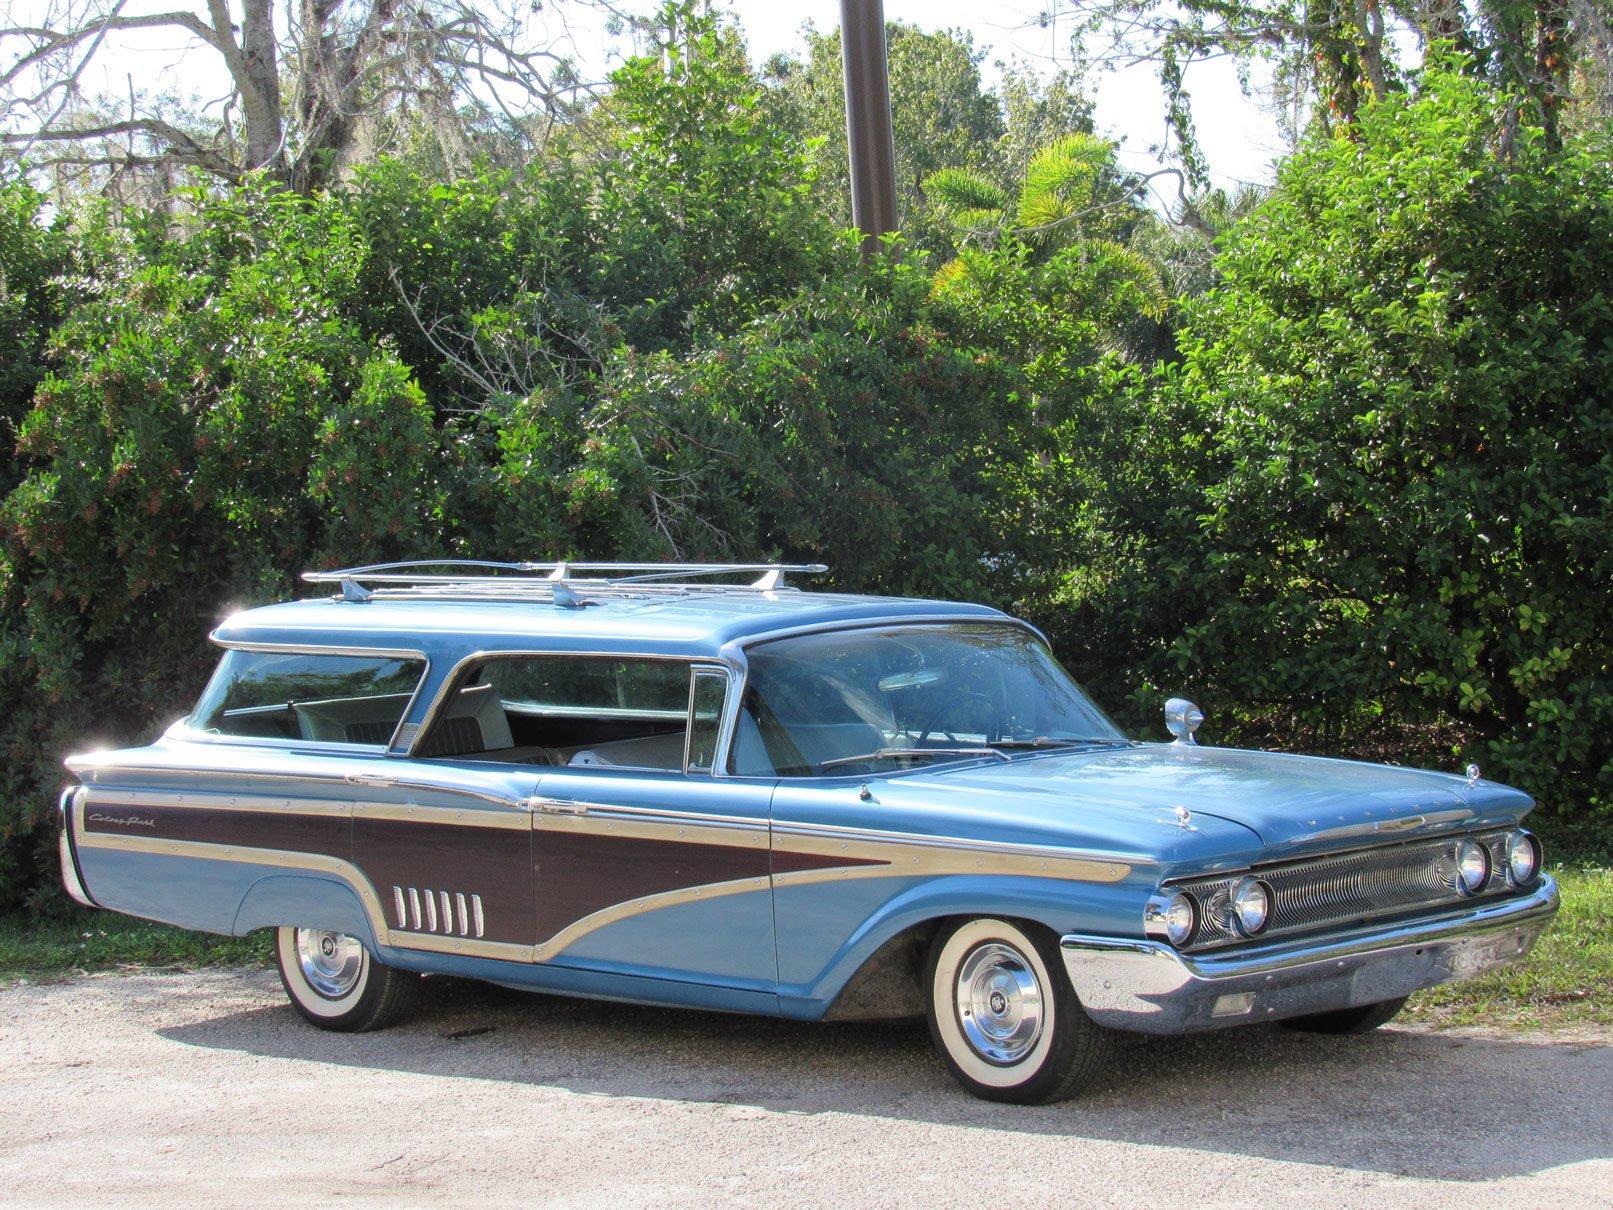 1960 mercury colony park station wagon